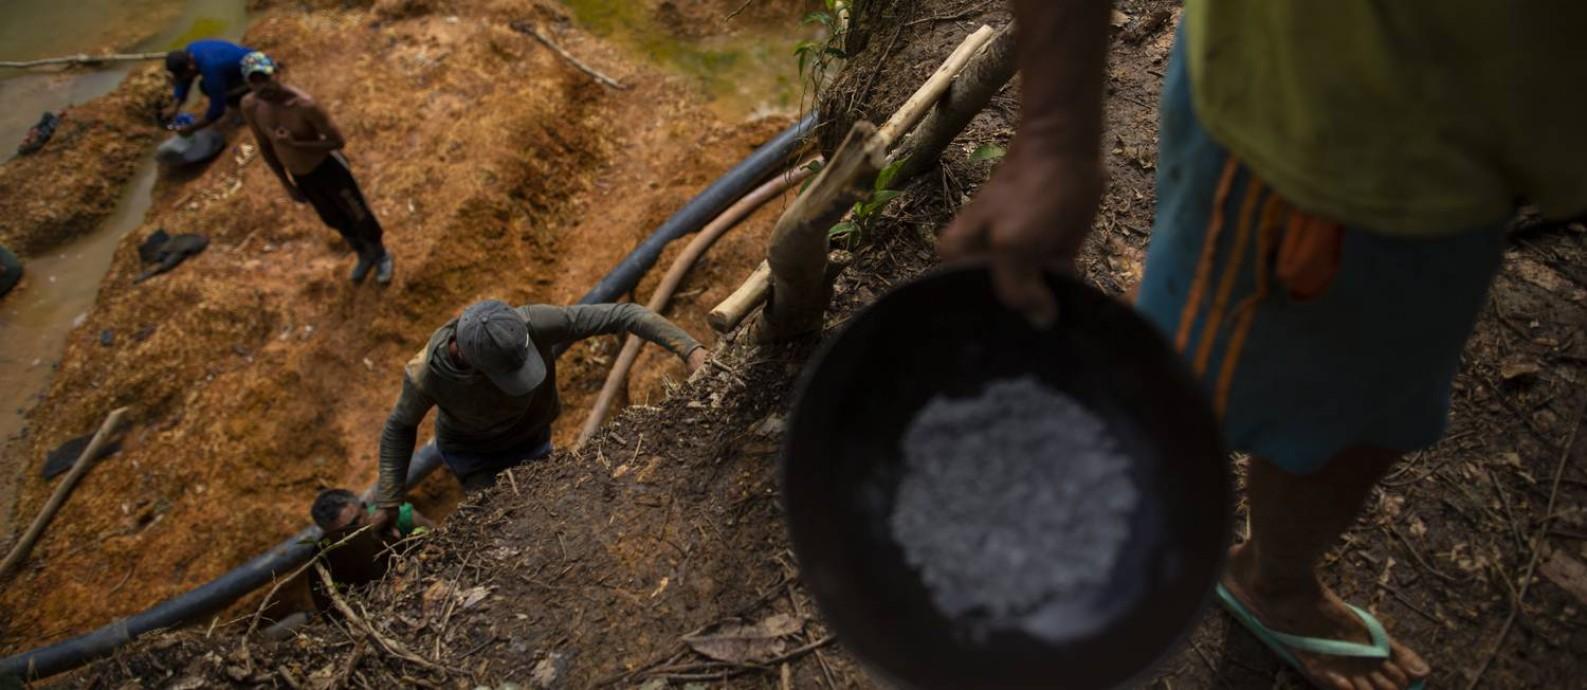 Garimpo ilegal de ouro na reserva dos Ianomâmis Foto: Daniel Marenco / Agência O Globo